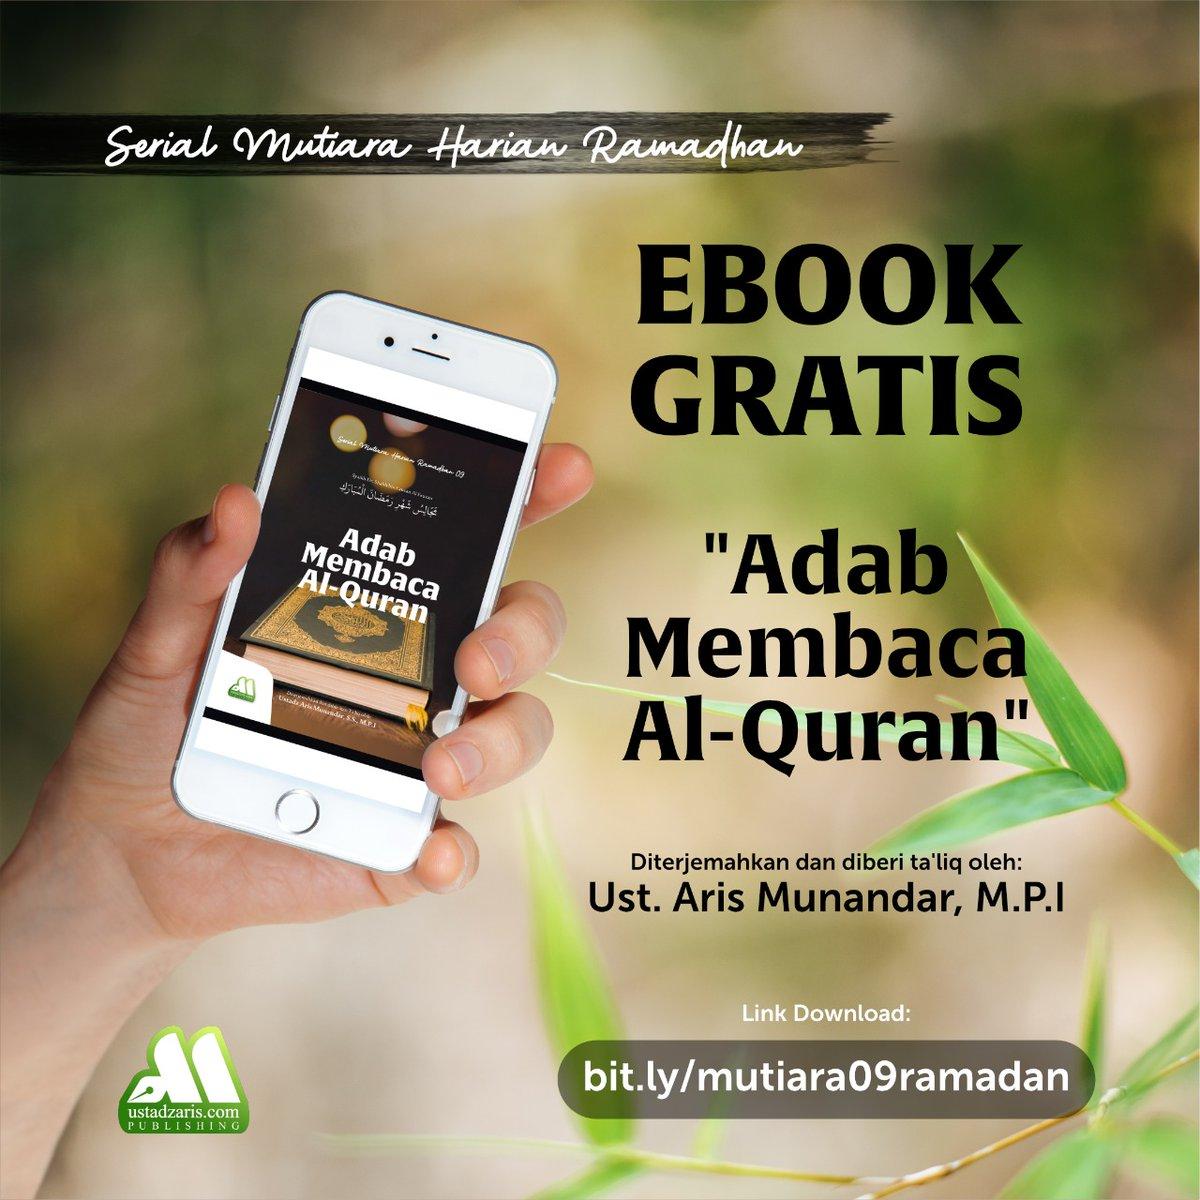 📒Serial Mutiara Harian Ramadhan 09📒  ⬇️⬇️⬇️⬇️⬇️⬇️⬇️ Unduh E-Book di sini: https://t.co/i9fesGInxd  atau melalui link ini jika ingin melihat koleksi lain: https://t.co/OMwSIu8Cuf  Silahkan disebarluaskan. ↗️ https://t.co/202fOjMcxQ